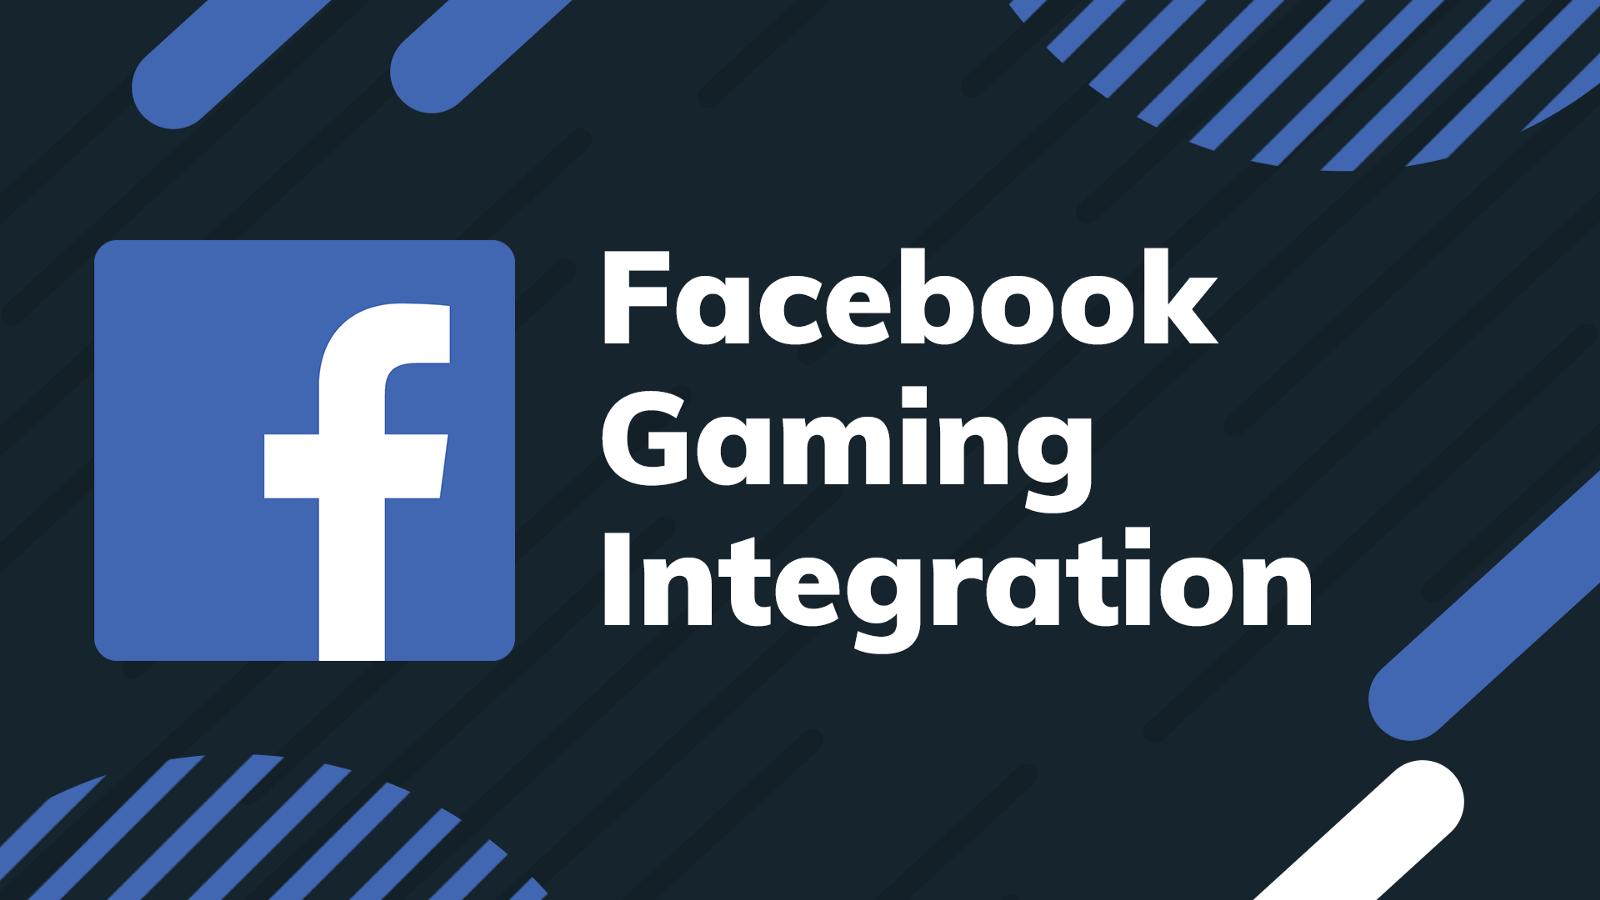 В Facebook появилась отдельная вкладка для всего игрового контента